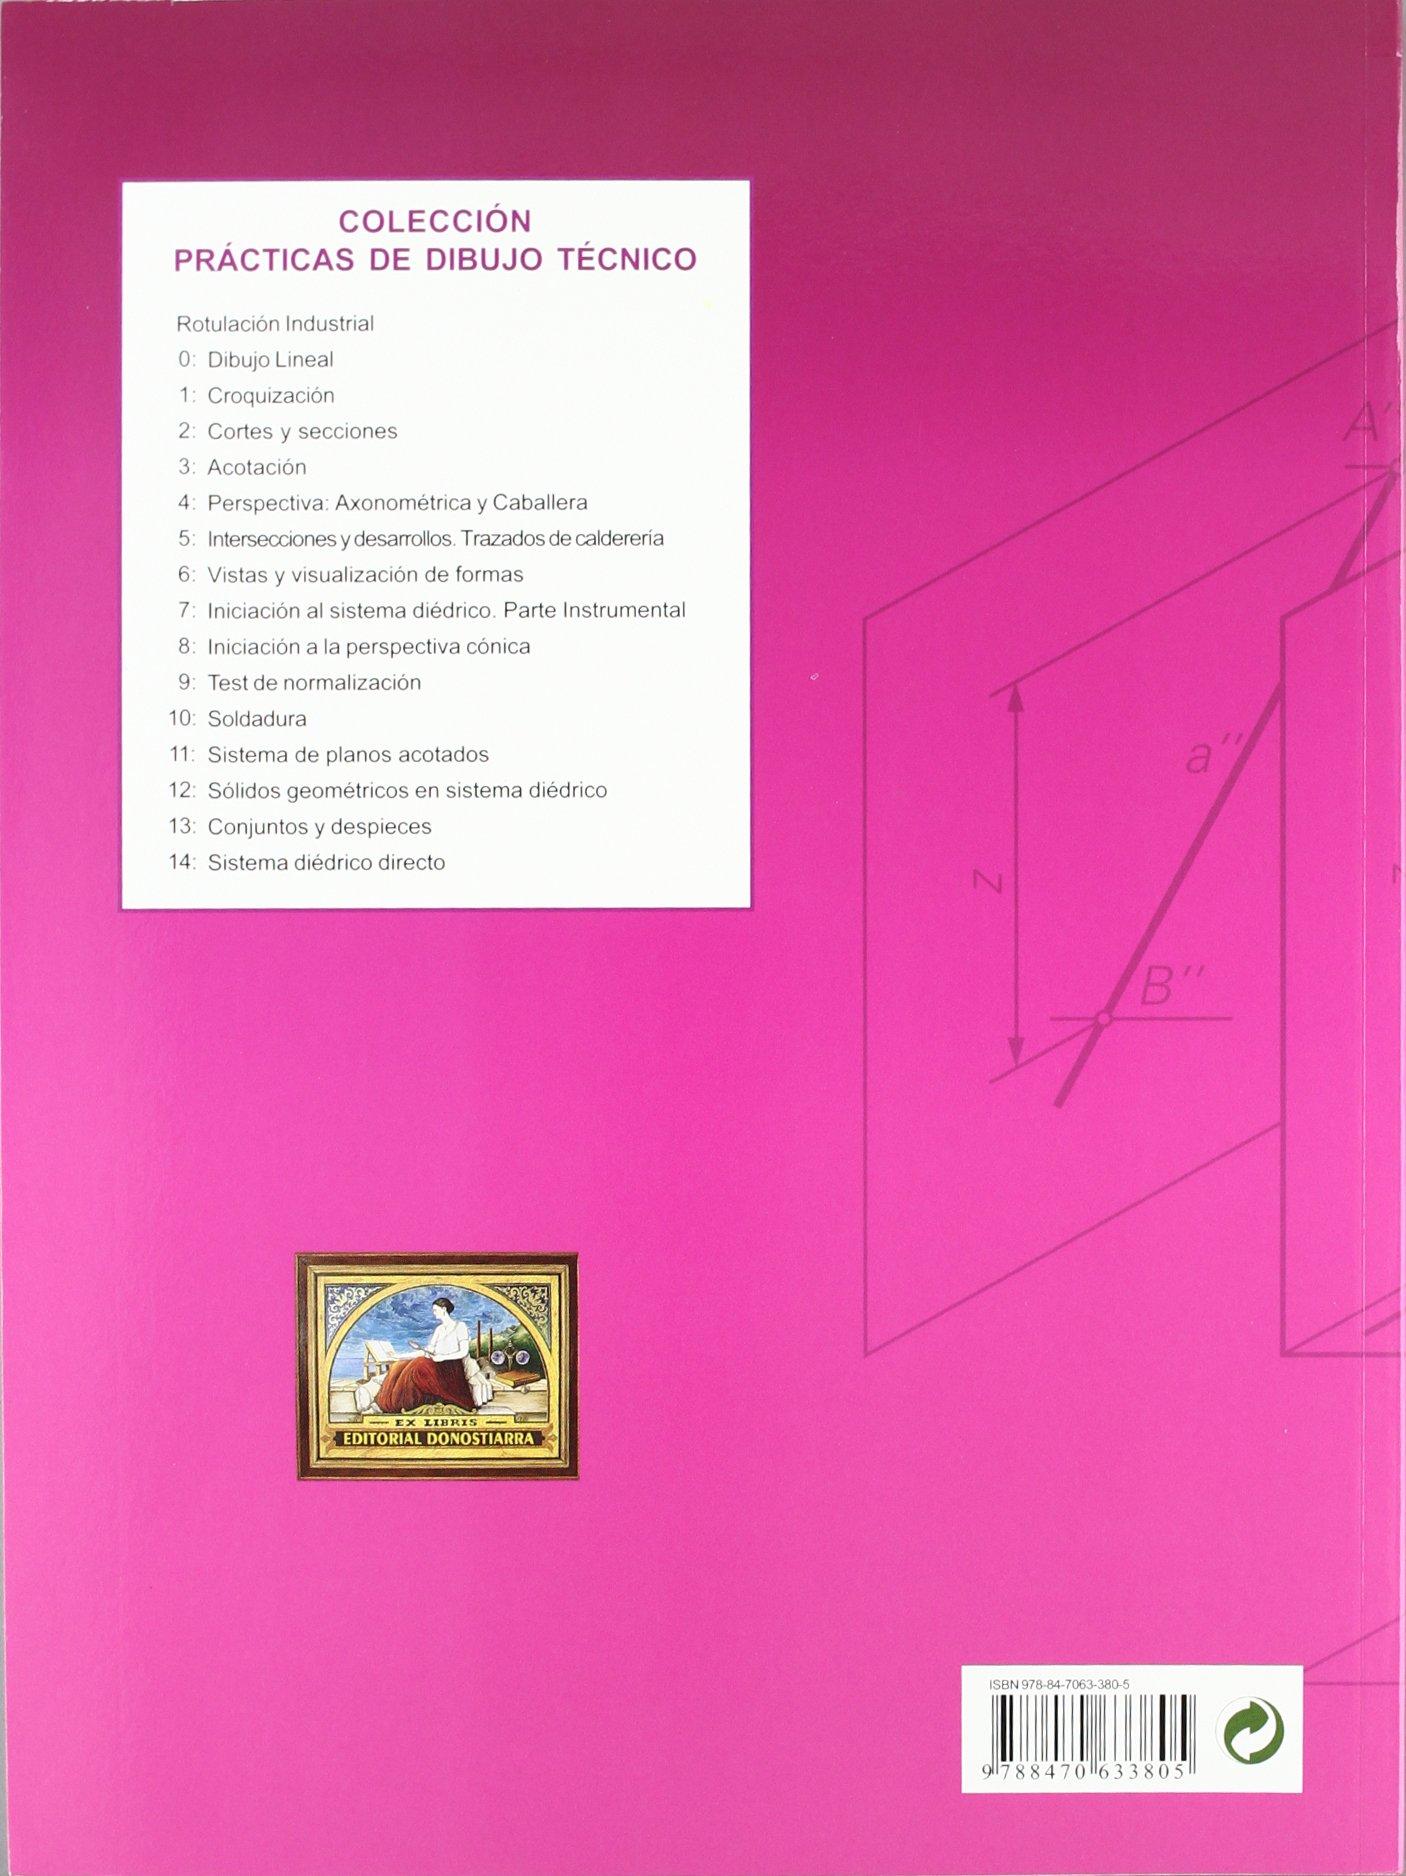 Sistema Diedrico Directo (Practicas de Dibujo Tecnico): 9788470633805: Amazon.com: Books